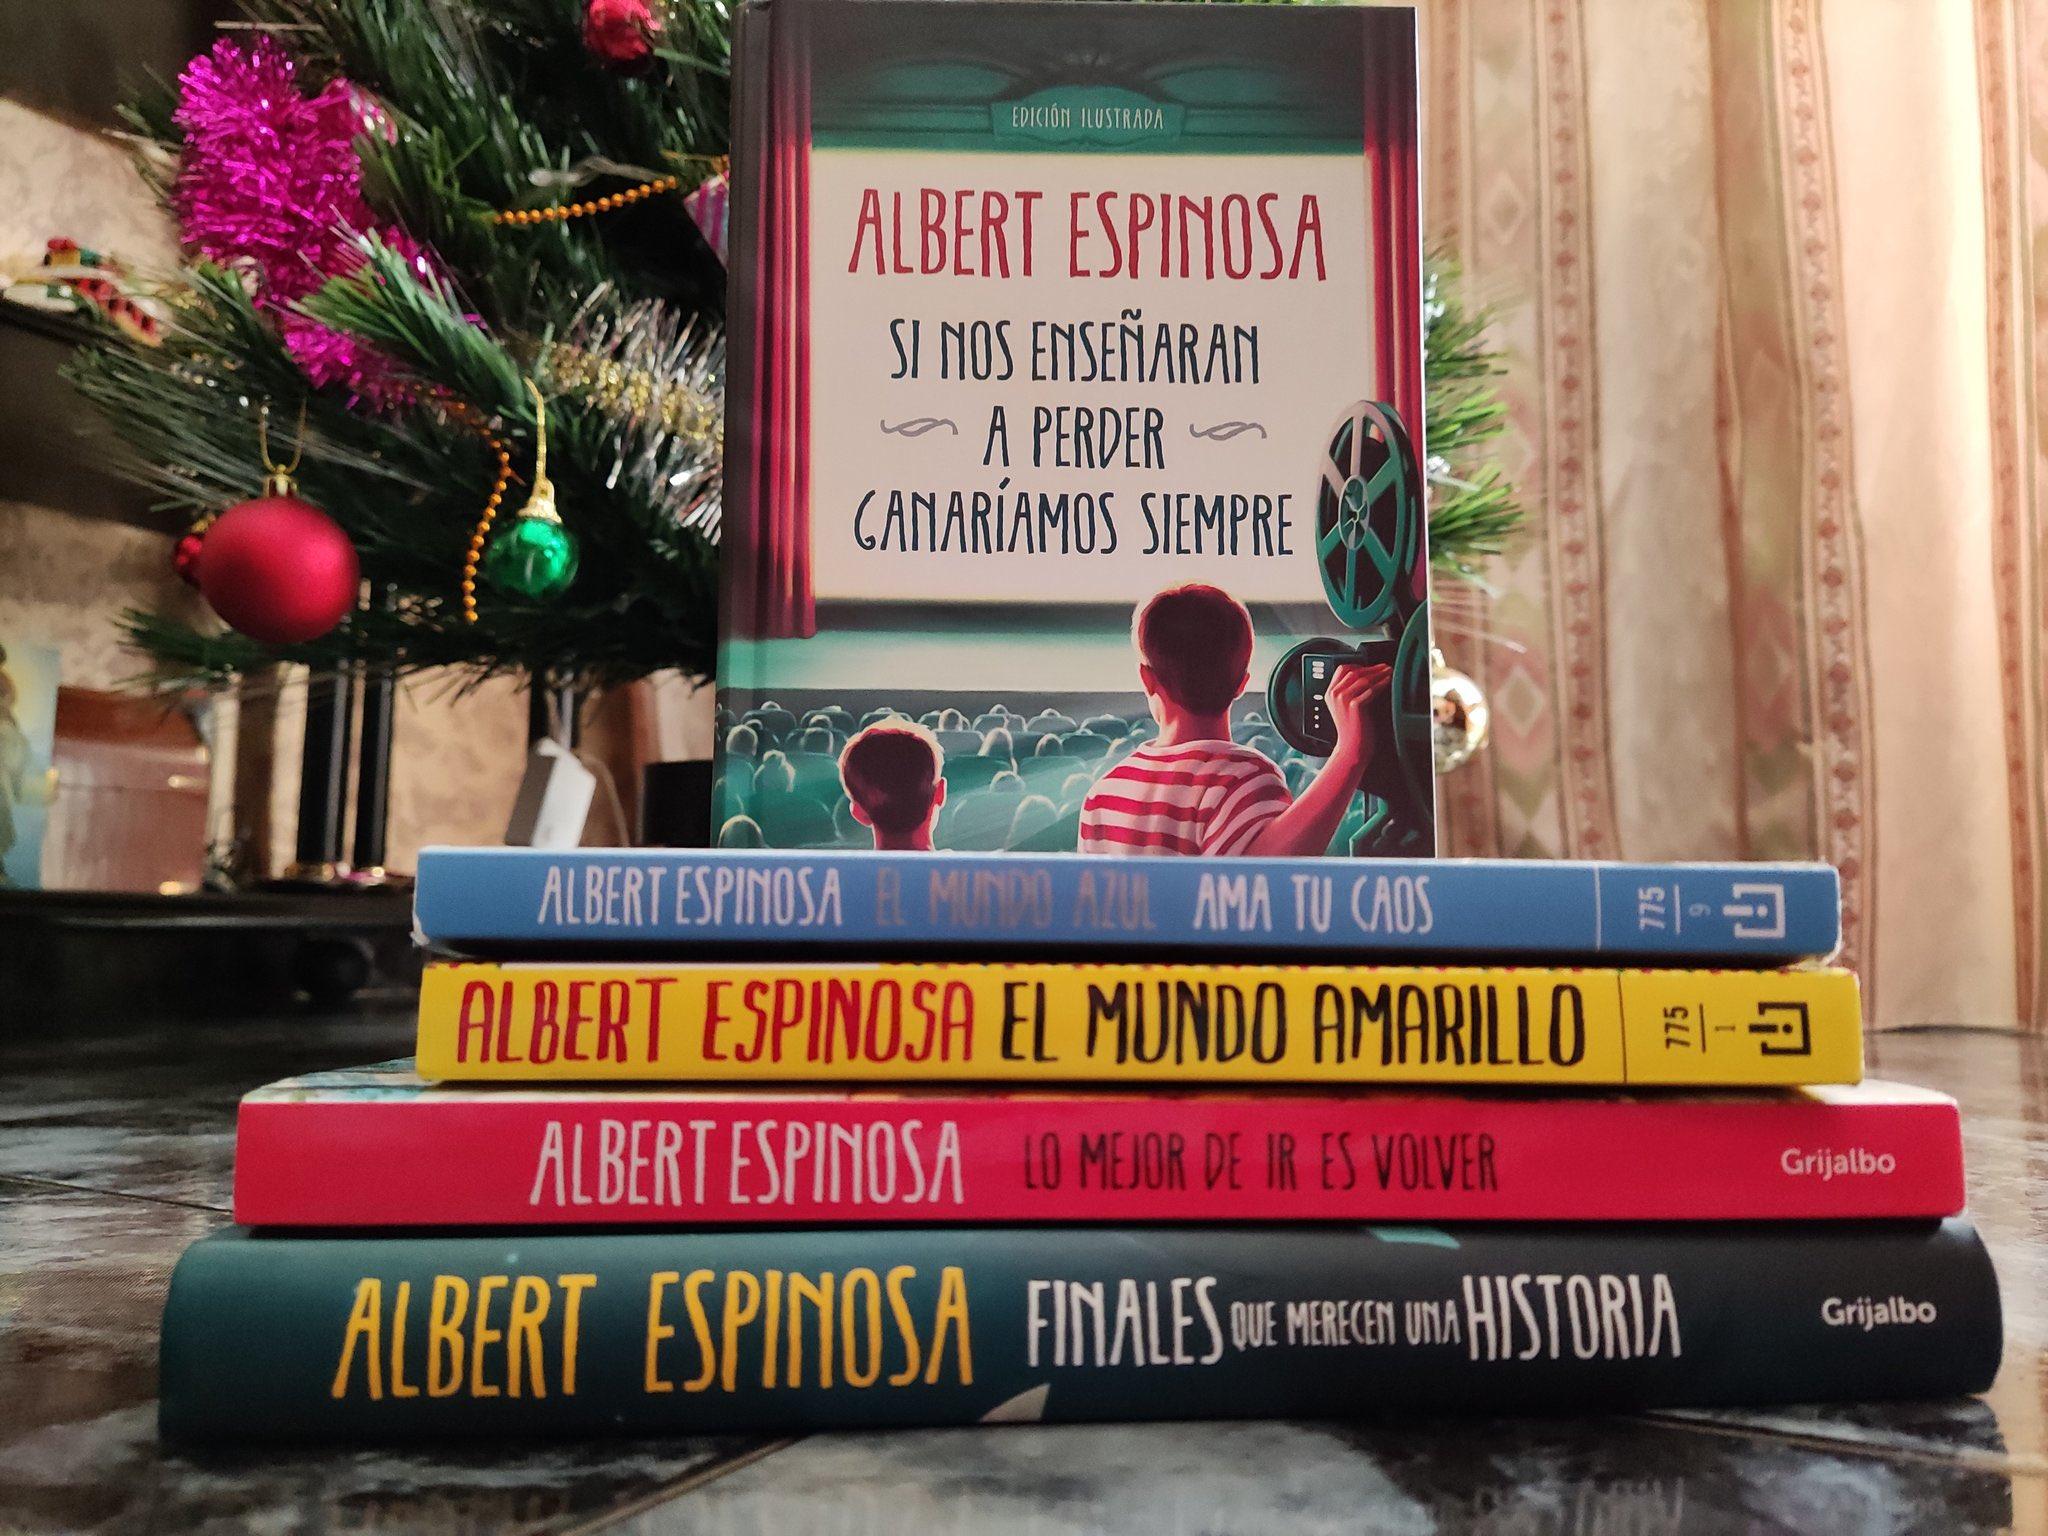 libros-de-albert-espinosa